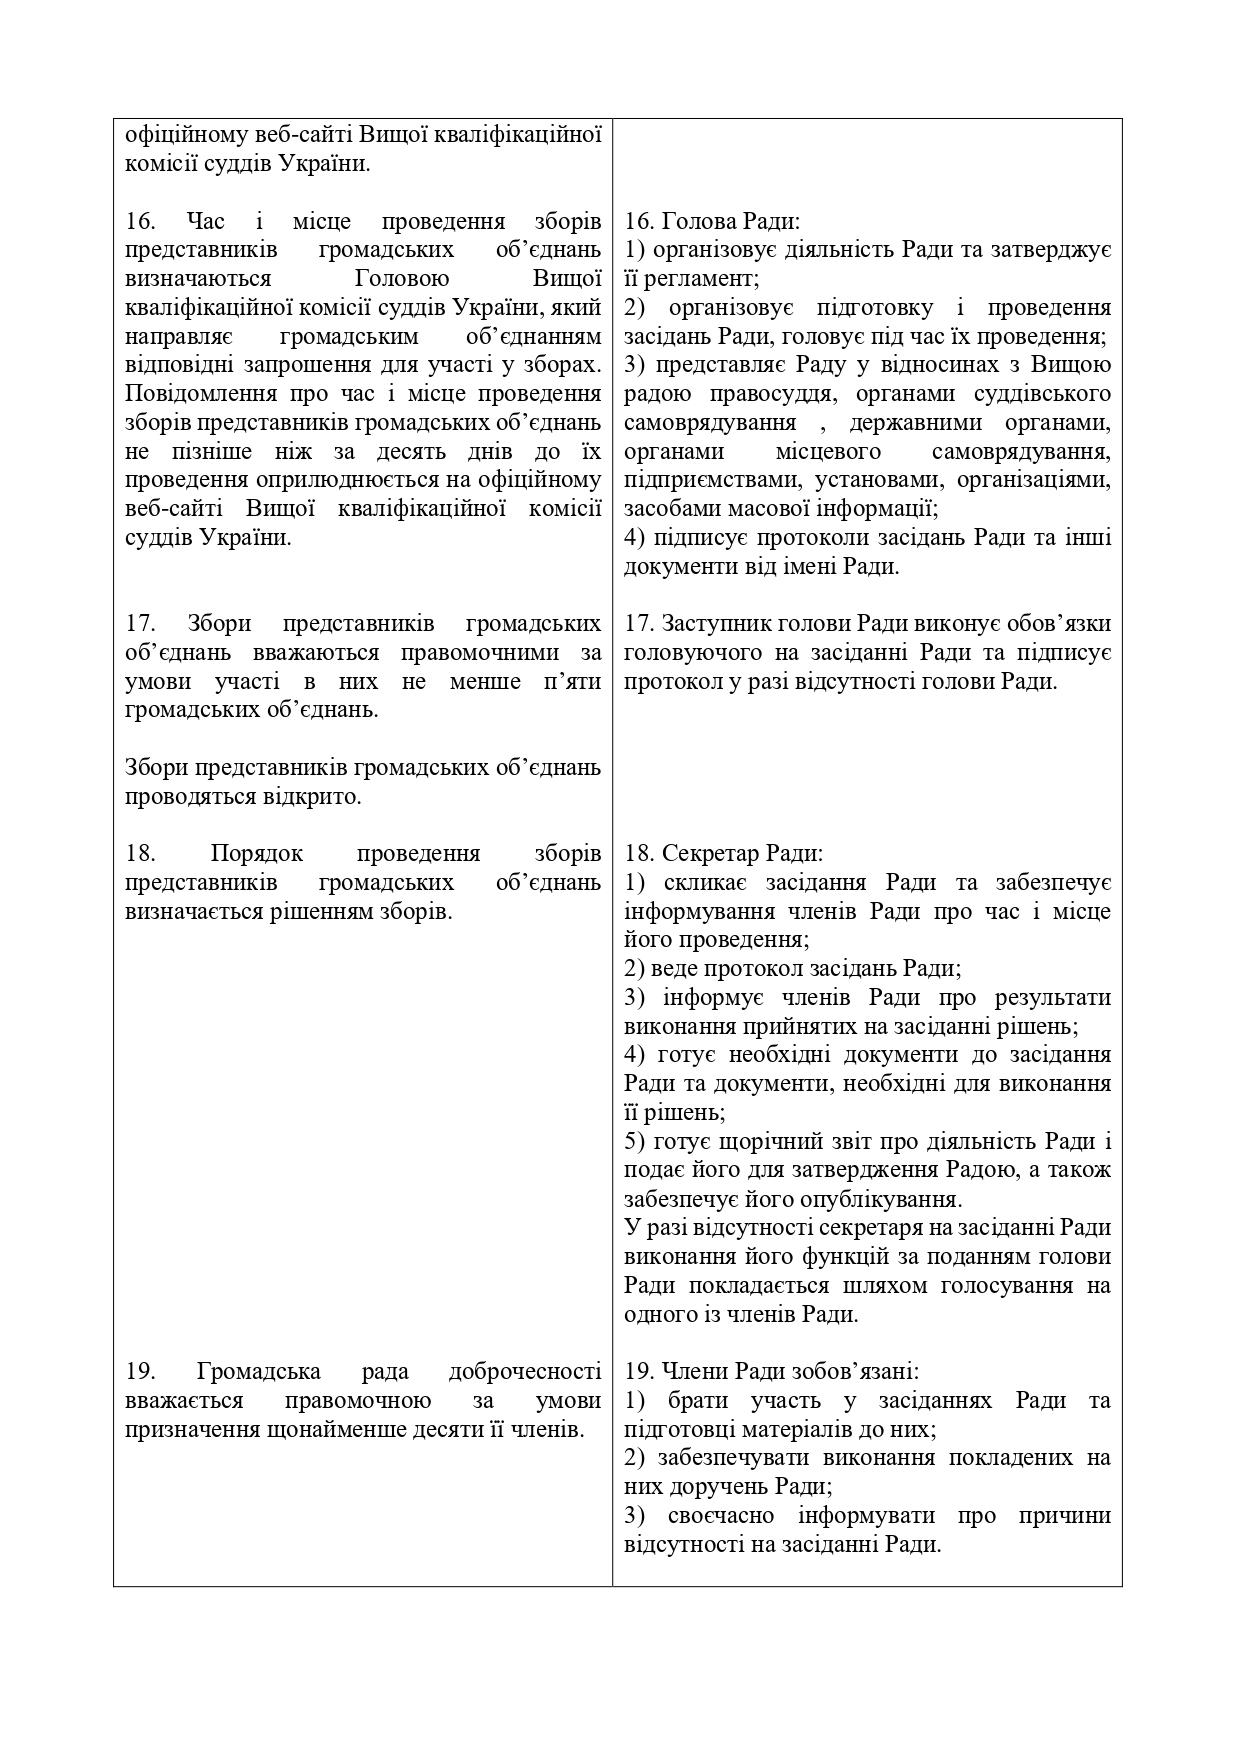 Висновок-АРССУ-щодо-№ 3534-21.07.2020_page-0026